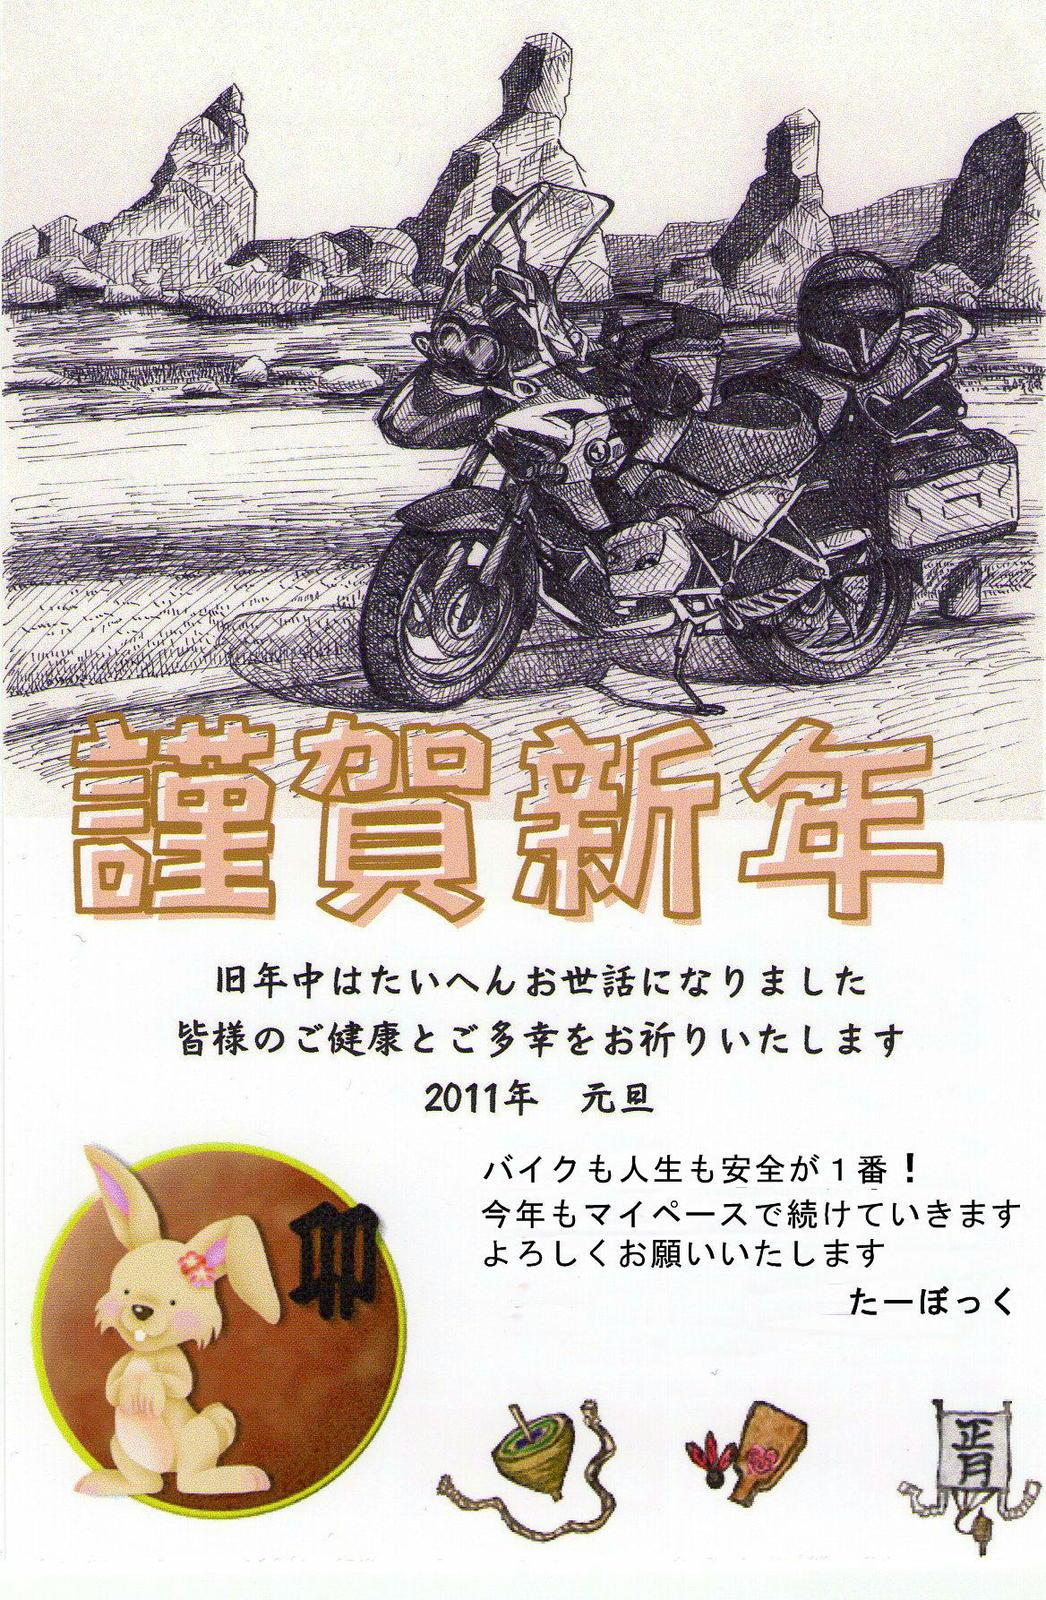 Hashikuiwa003_2